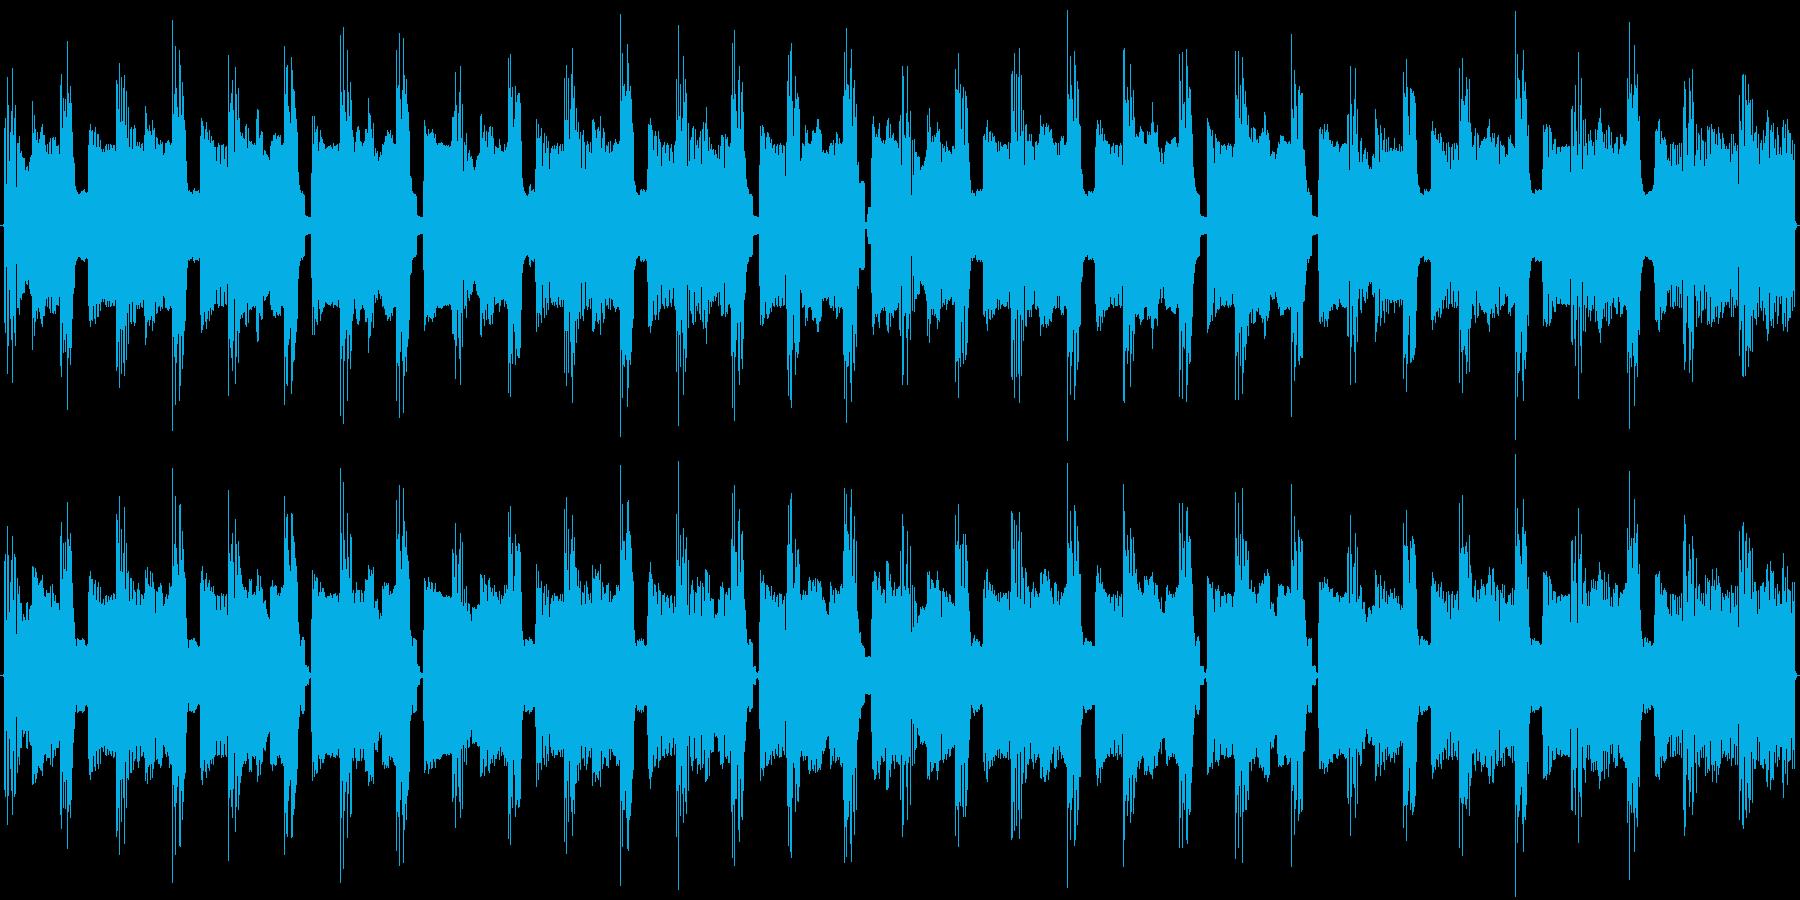 チップチューンの痛快な短いループ4の再生済みの波形